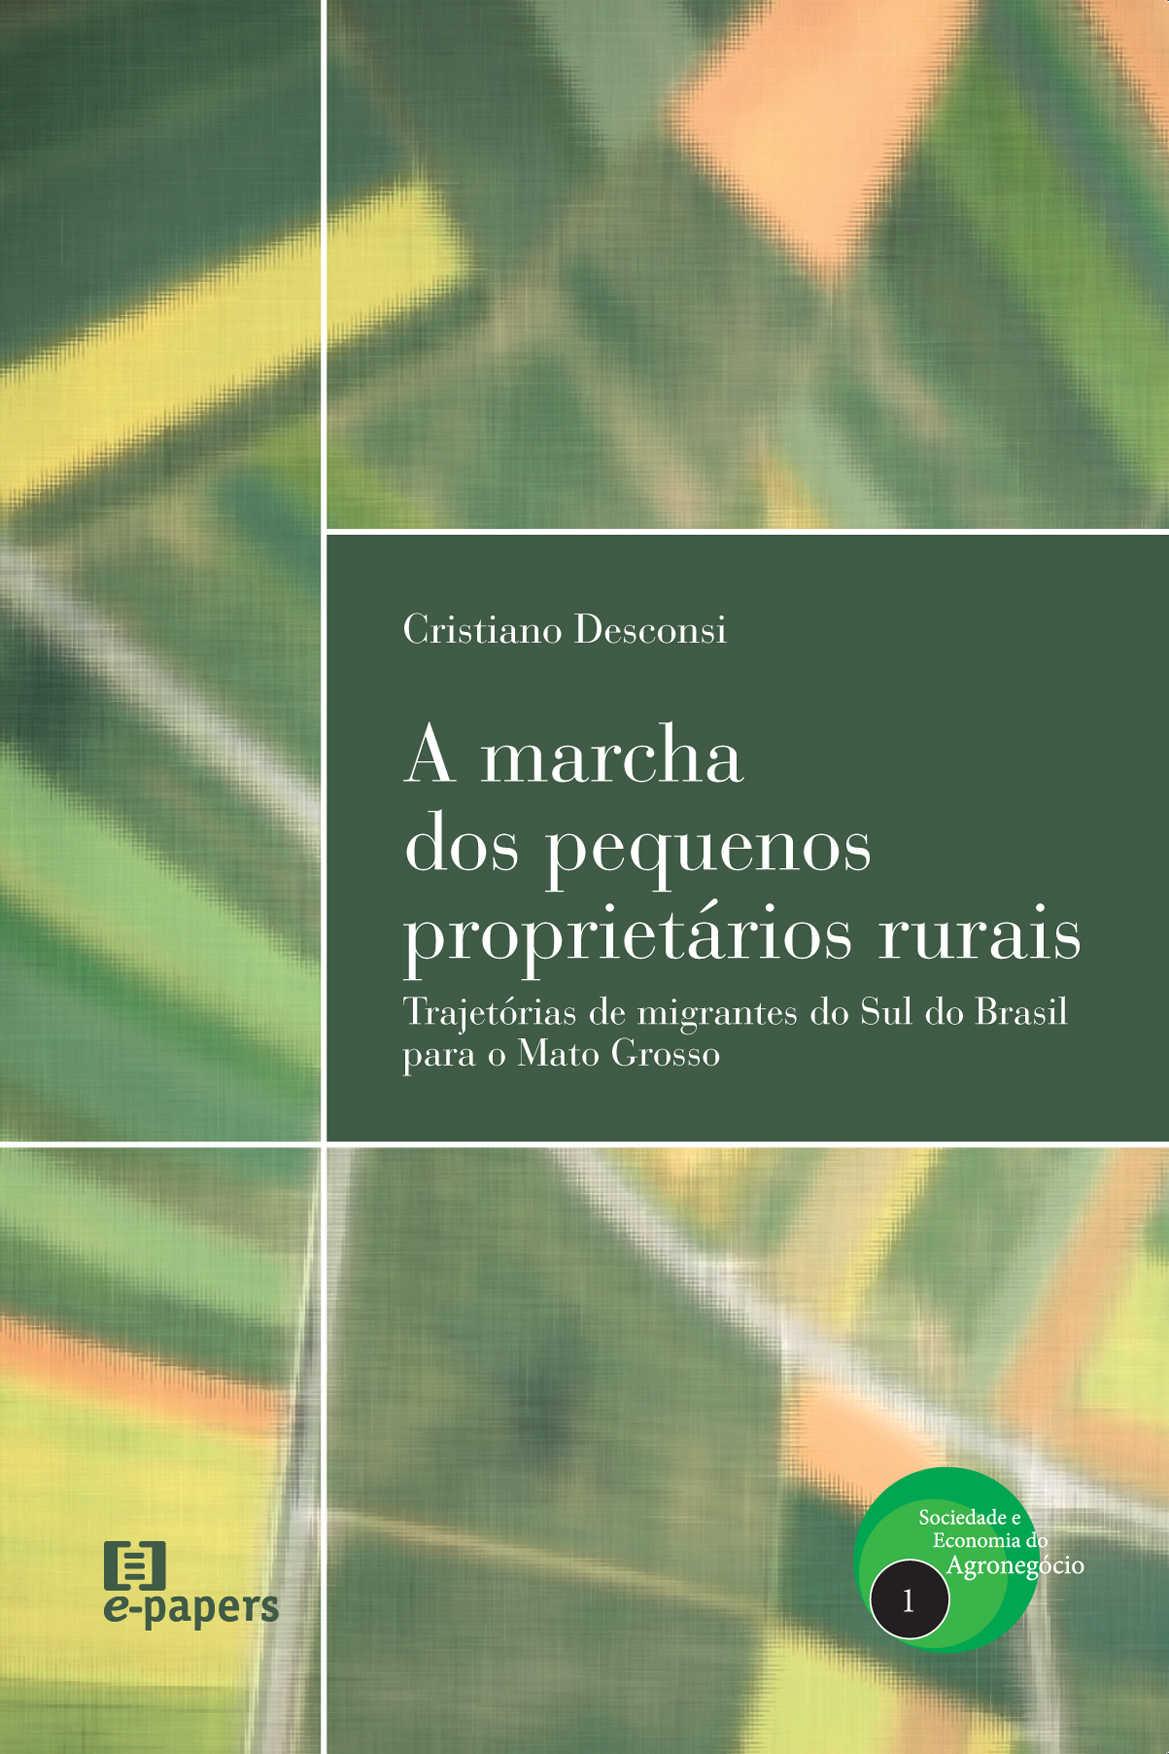 A marcha dos pequenos proprietários rurais: Trajetórias de migrantes do Sul do Brasil para o Mato Grosso